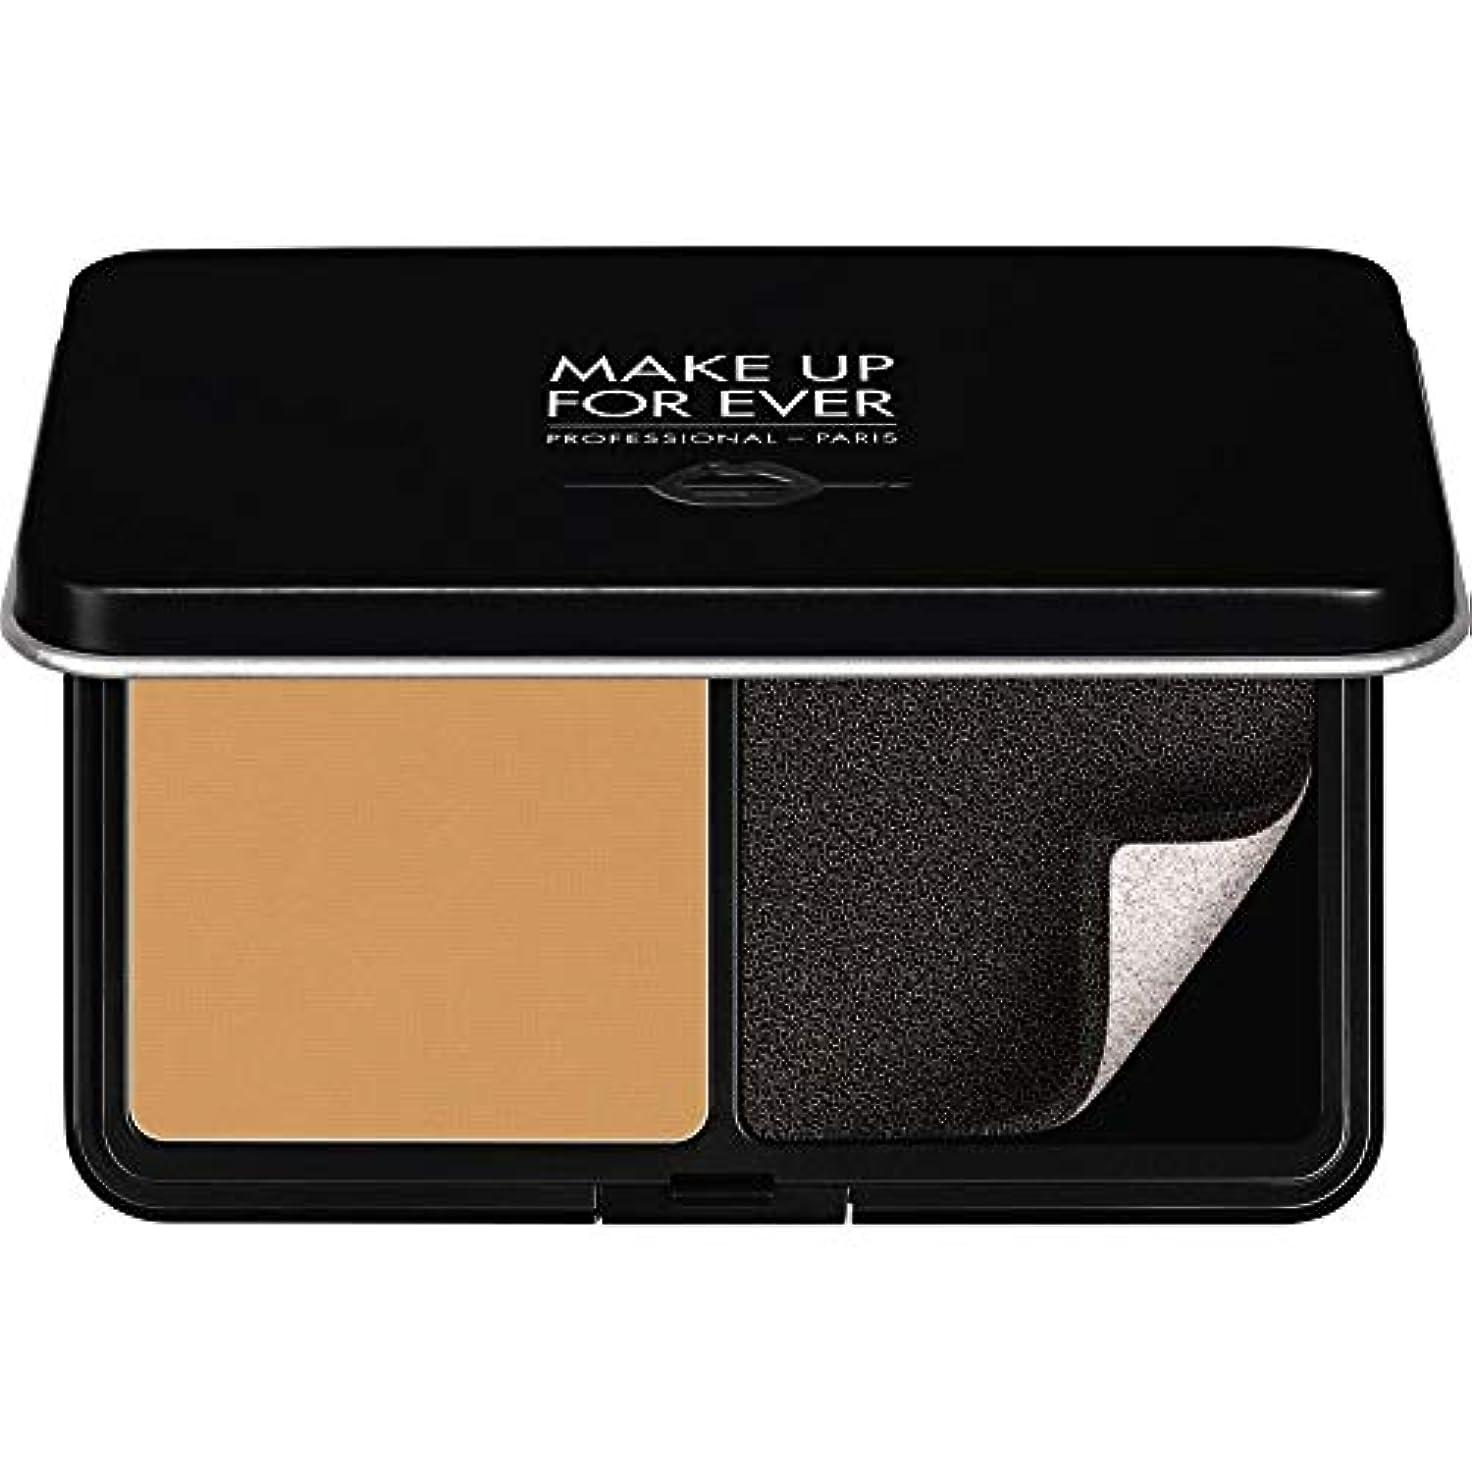 ストッキング遅れマーカー[MAKE UP FOR EVER ] パウダーファンデーション11GののY405をぼかし、これまでマットベルベットの肌を補う - 黄金の蜂蜜 - MAKE UP FOR EVER Matte Velvet Skin Blurring...